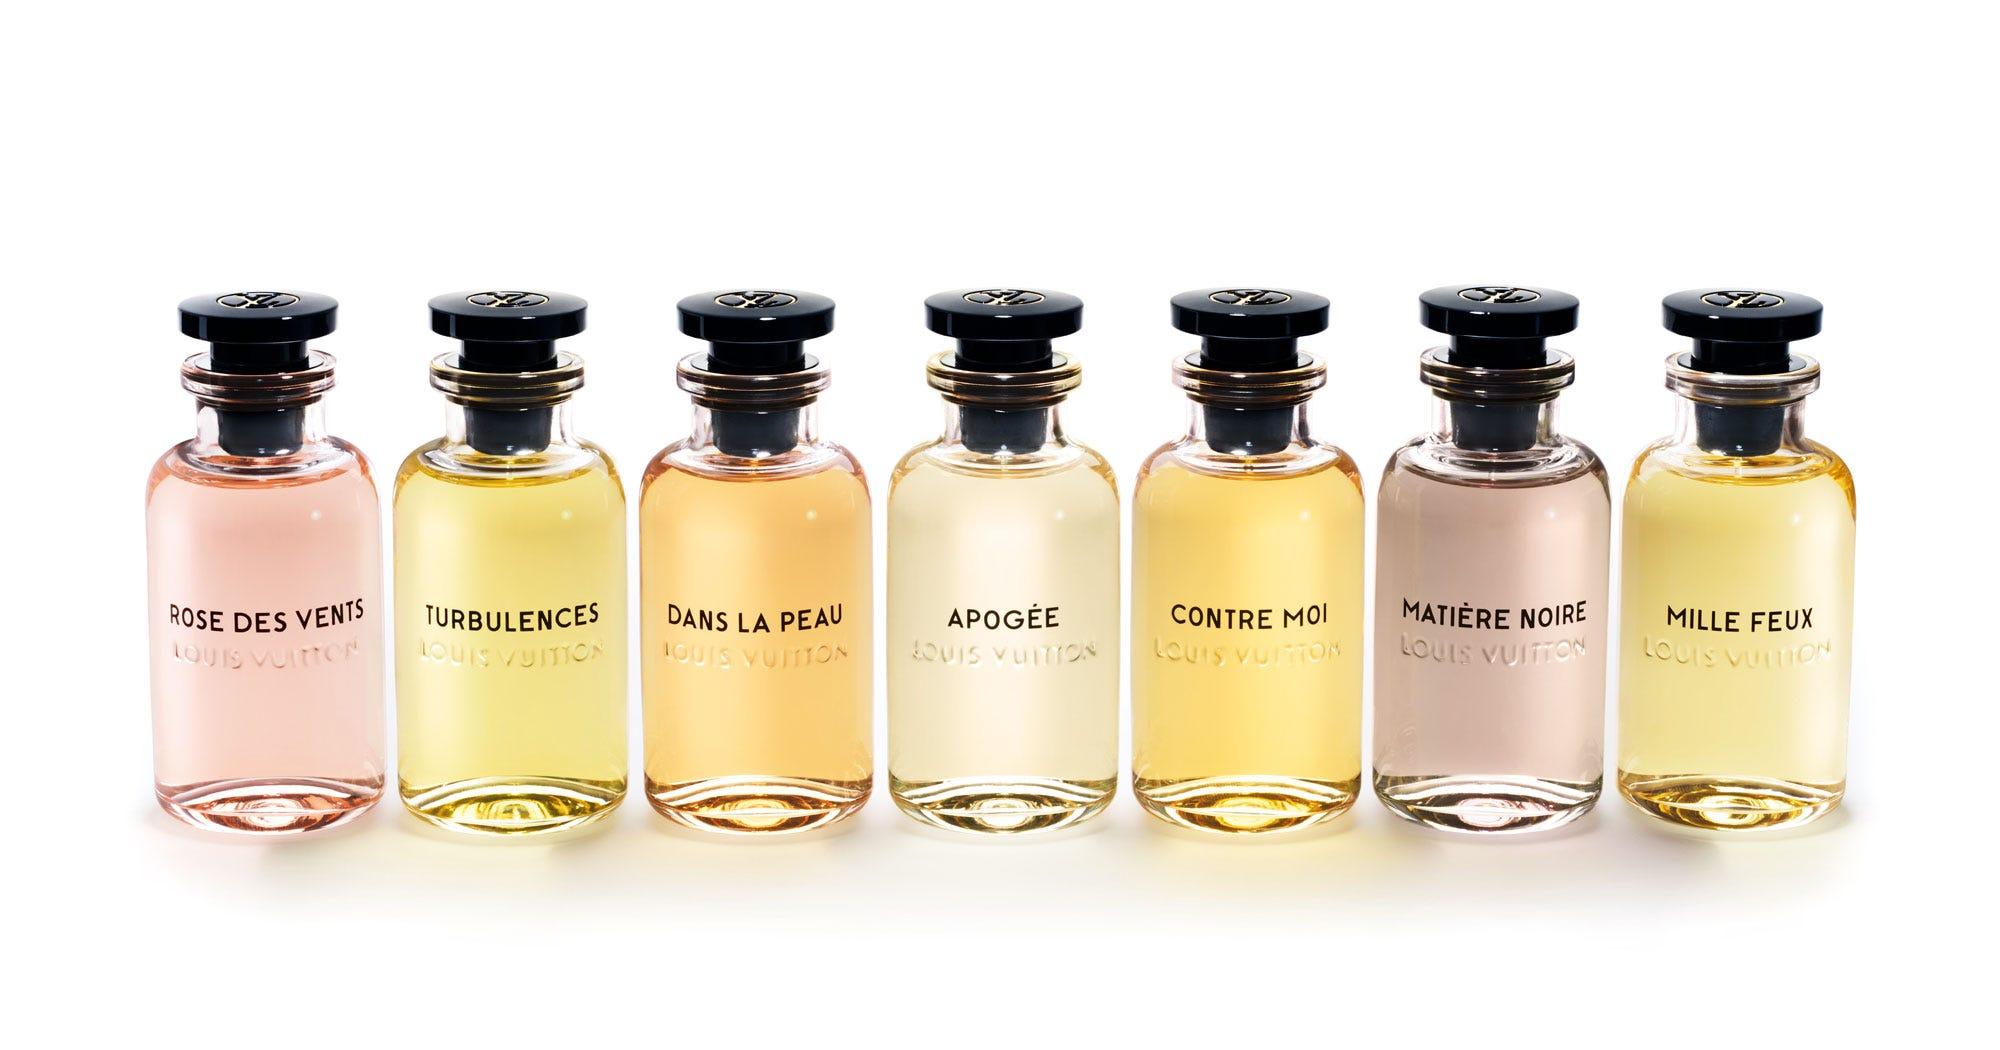 b6e963537ac2 Louis Vuitton - New Fall Fragrance